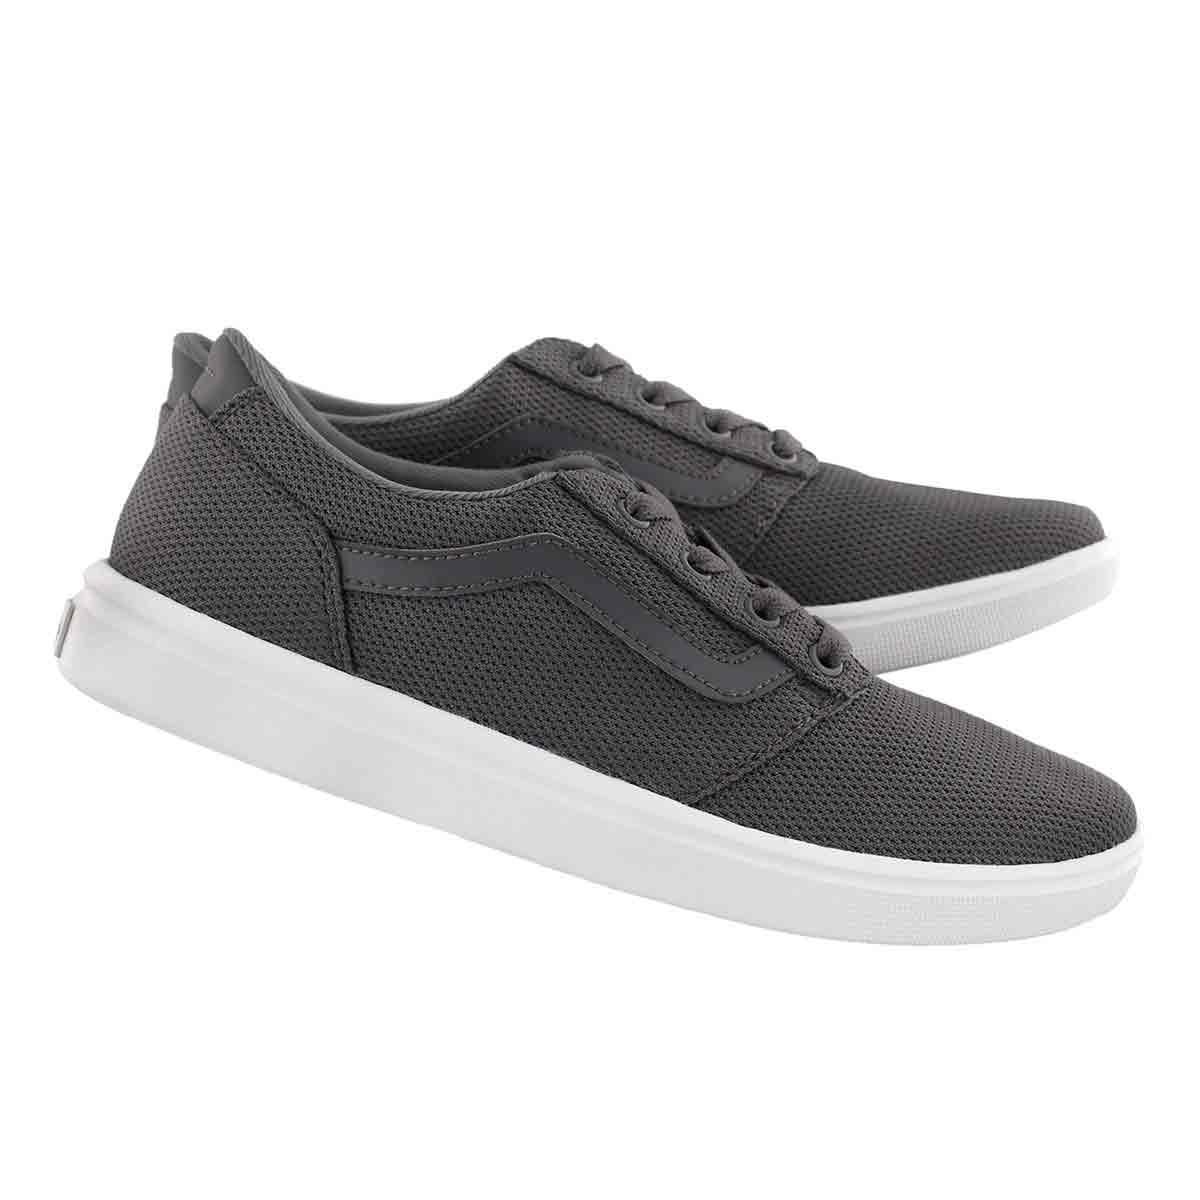 Mns Chapman Lite gry/wht sneaker